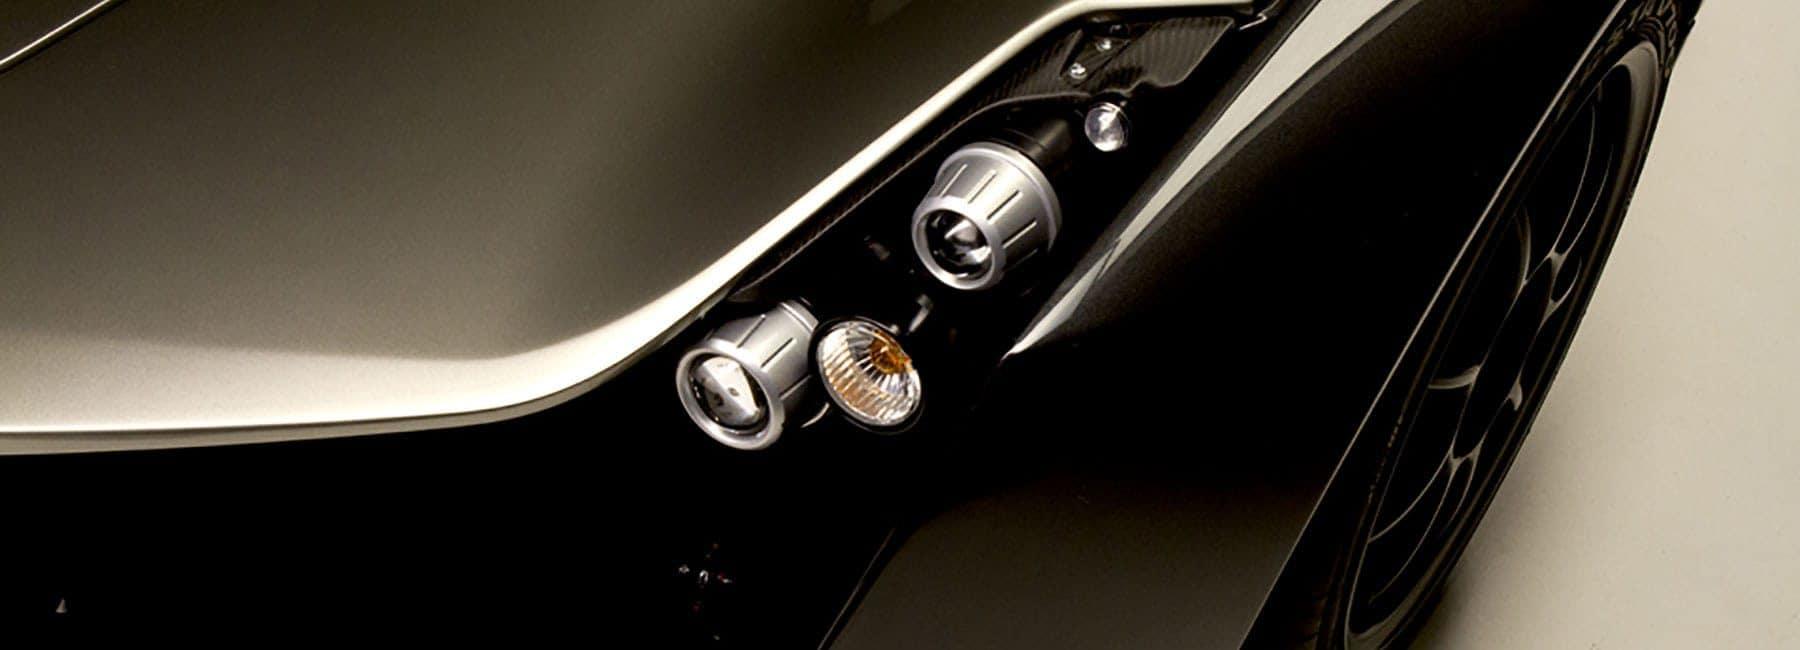 bac-titanium-slide